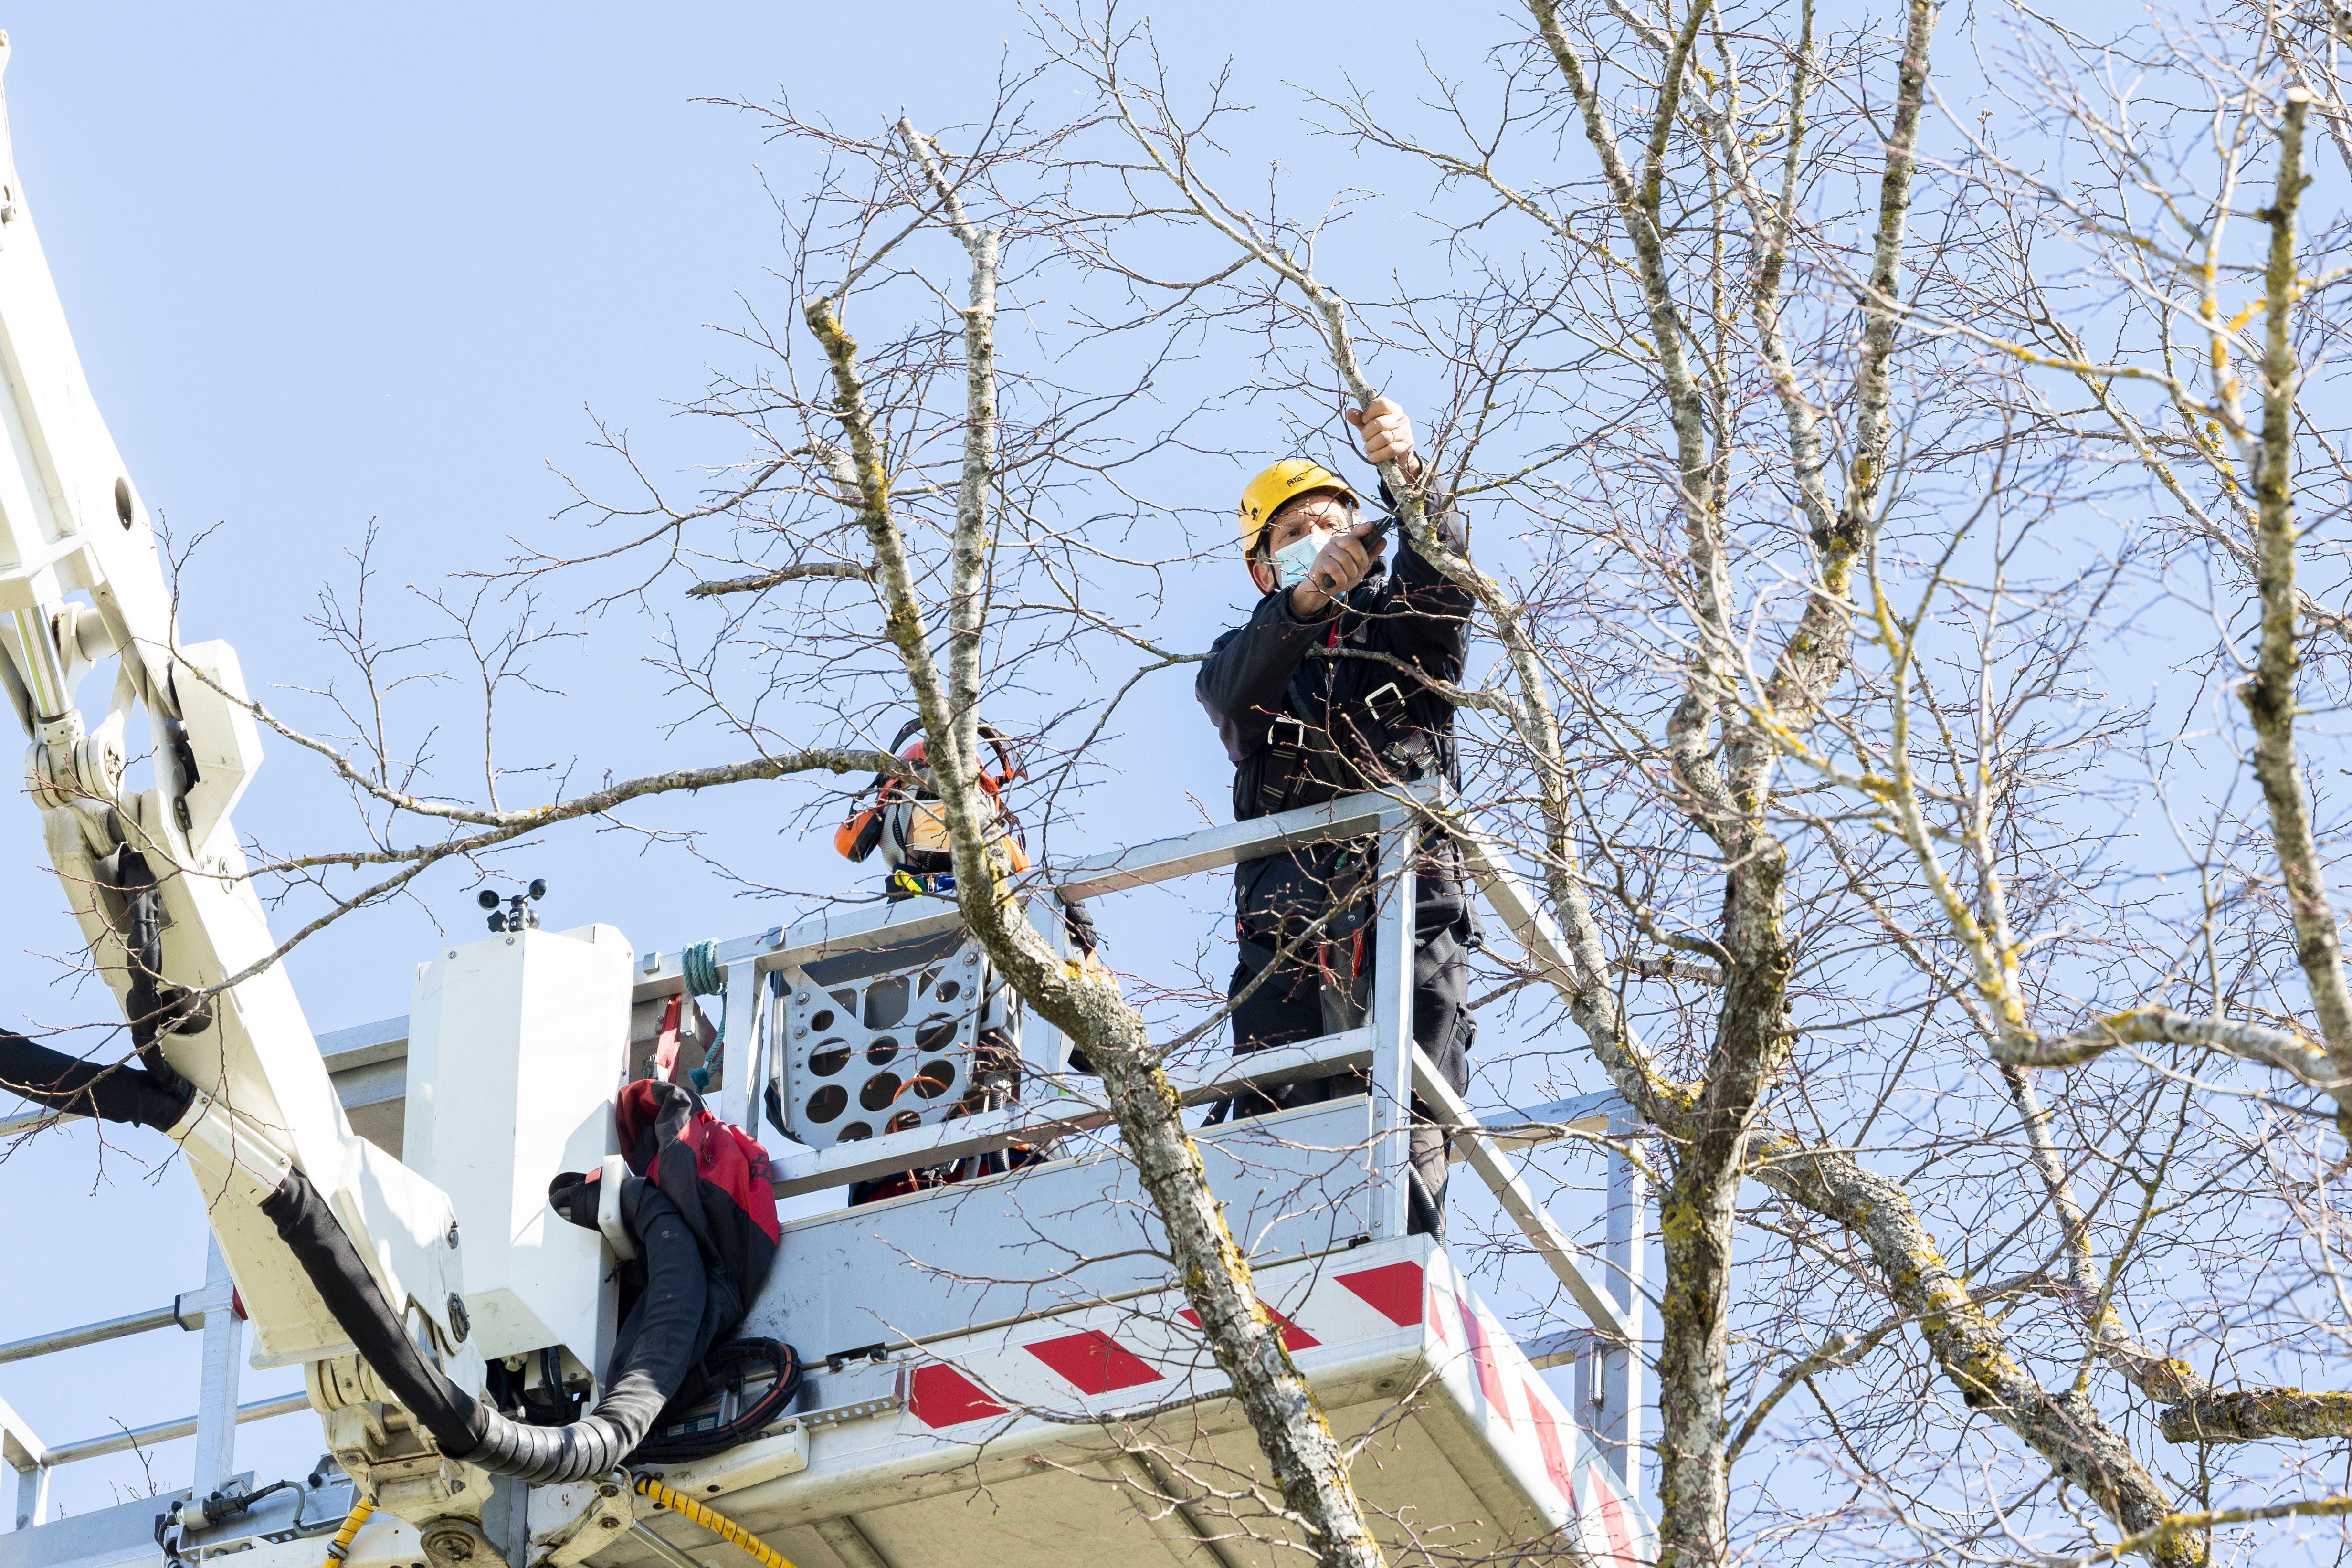 Baumpfleger Dominik Hossli (gelber Helm) und Sven Saxer bei der Arbeit im Baum.